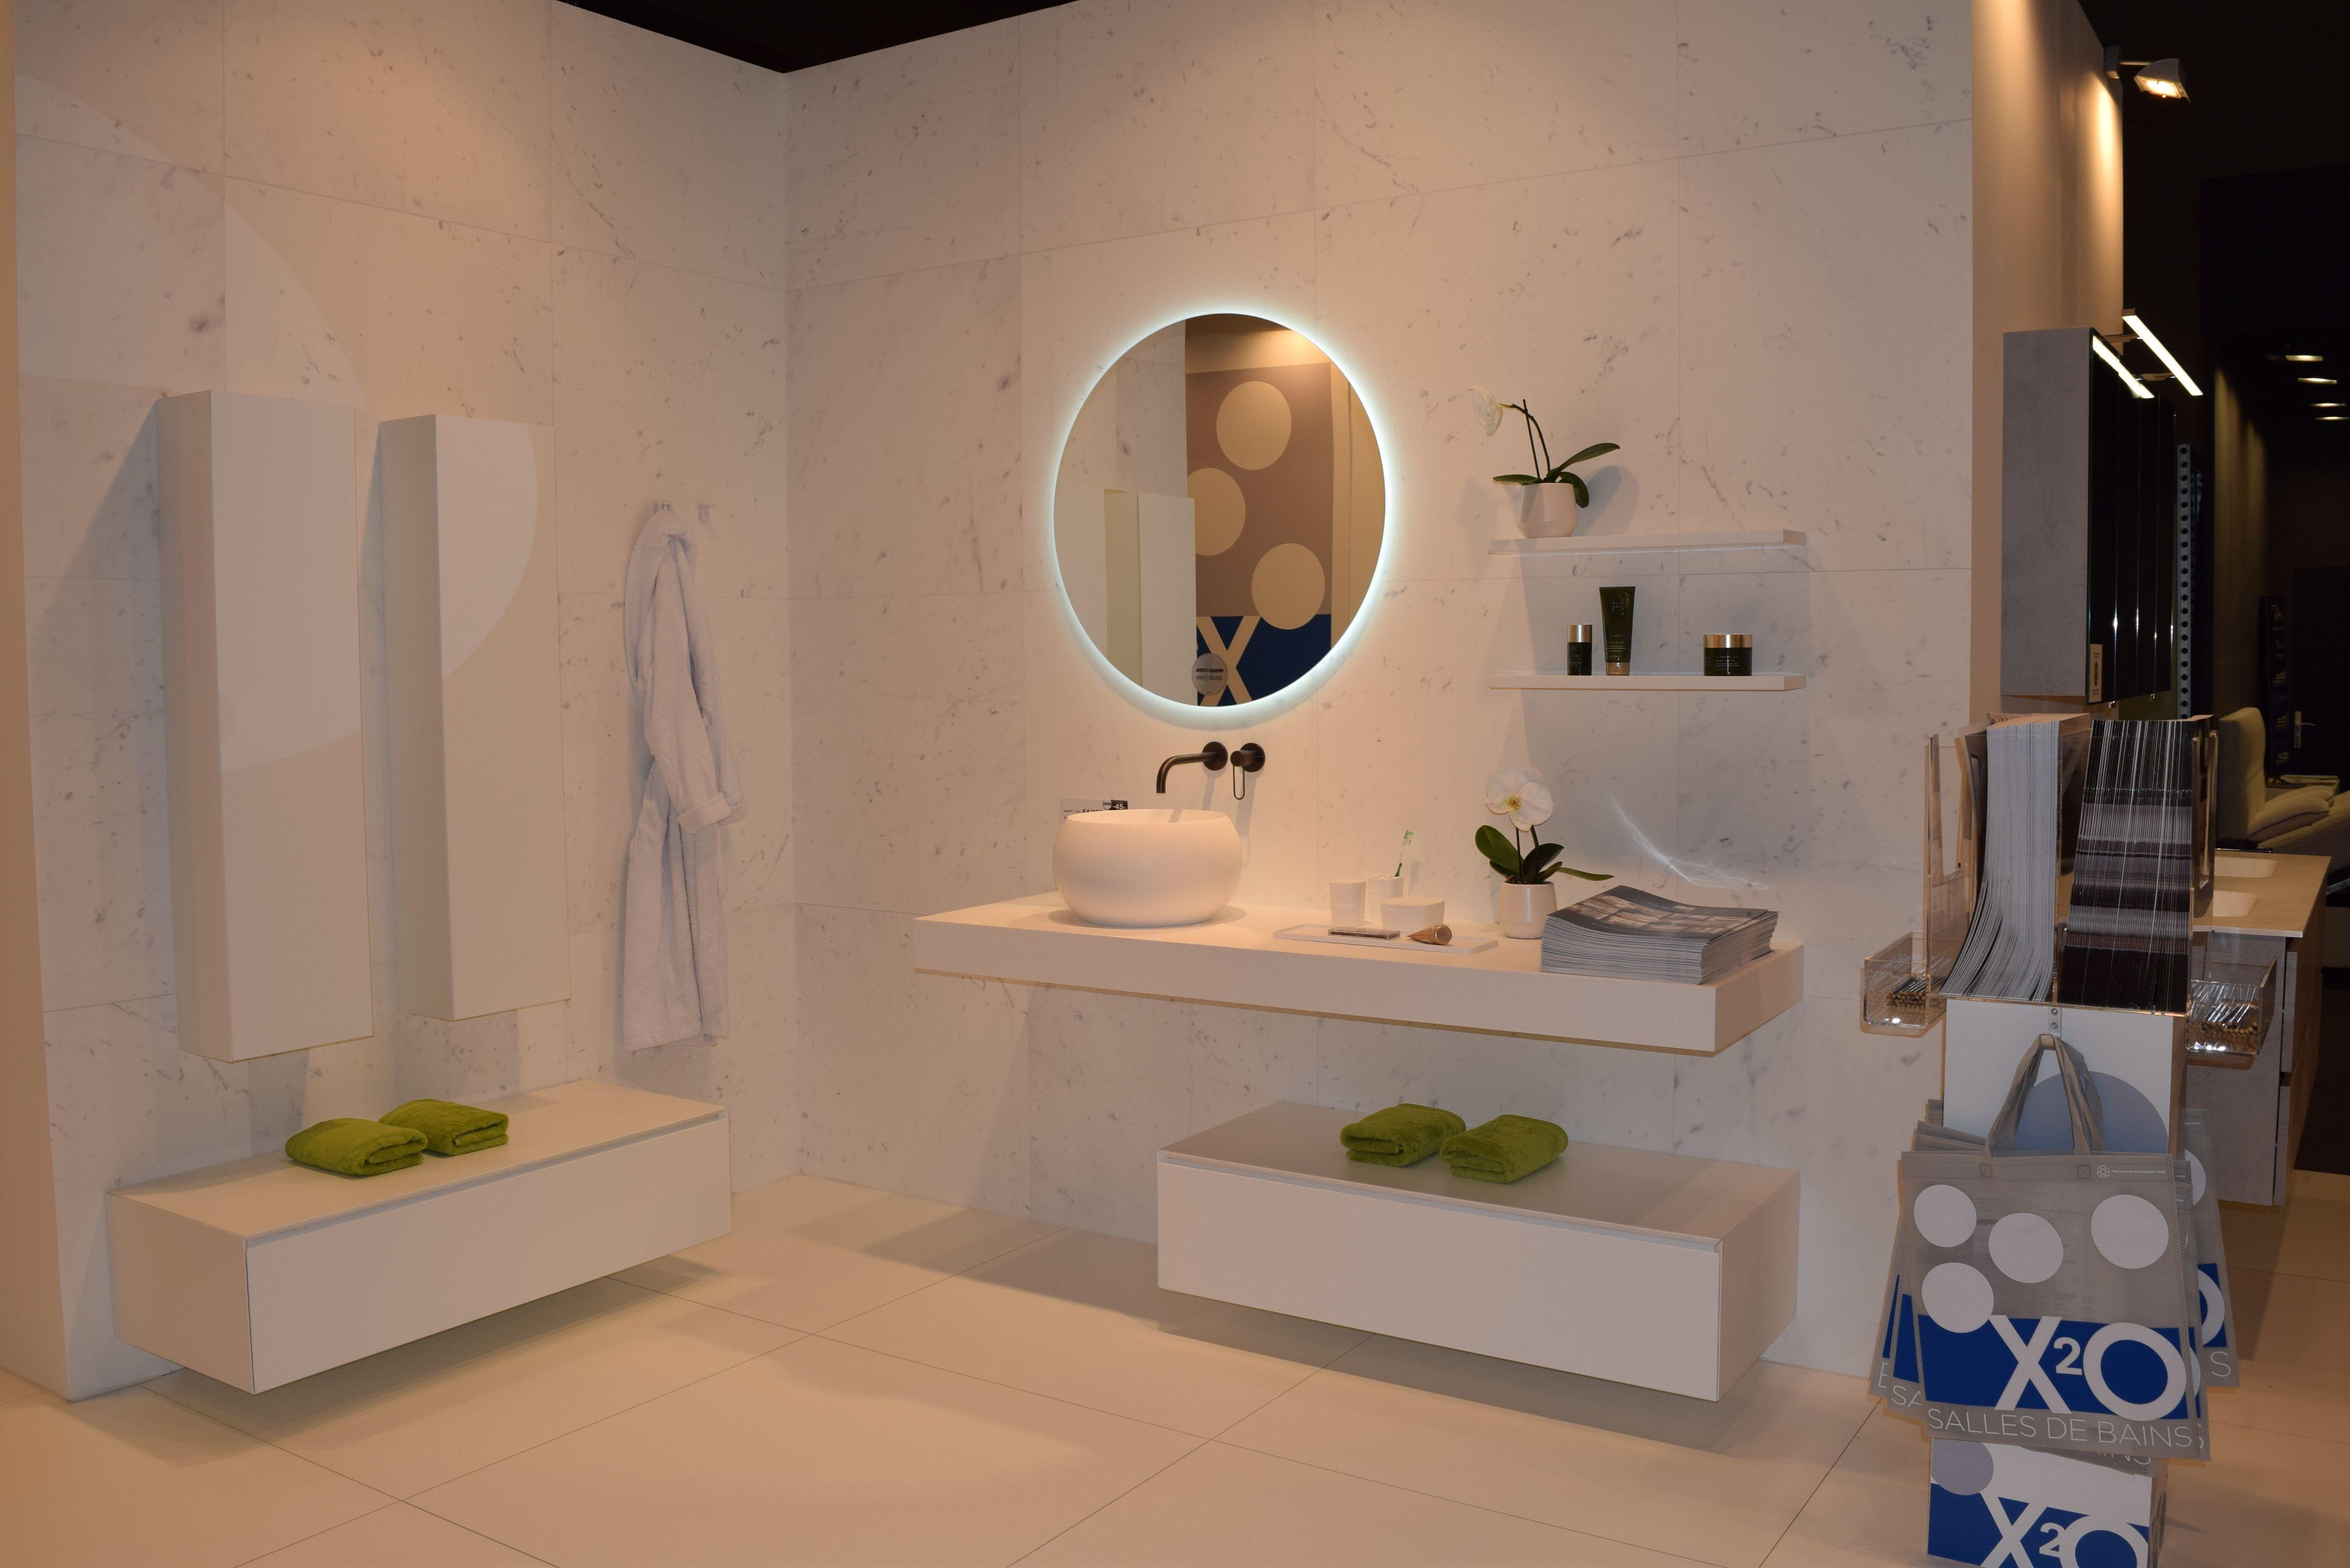 Ronde Spiegel Badkamer : Stijlvolle badkamer met diverse elementen de ronde spiegel met